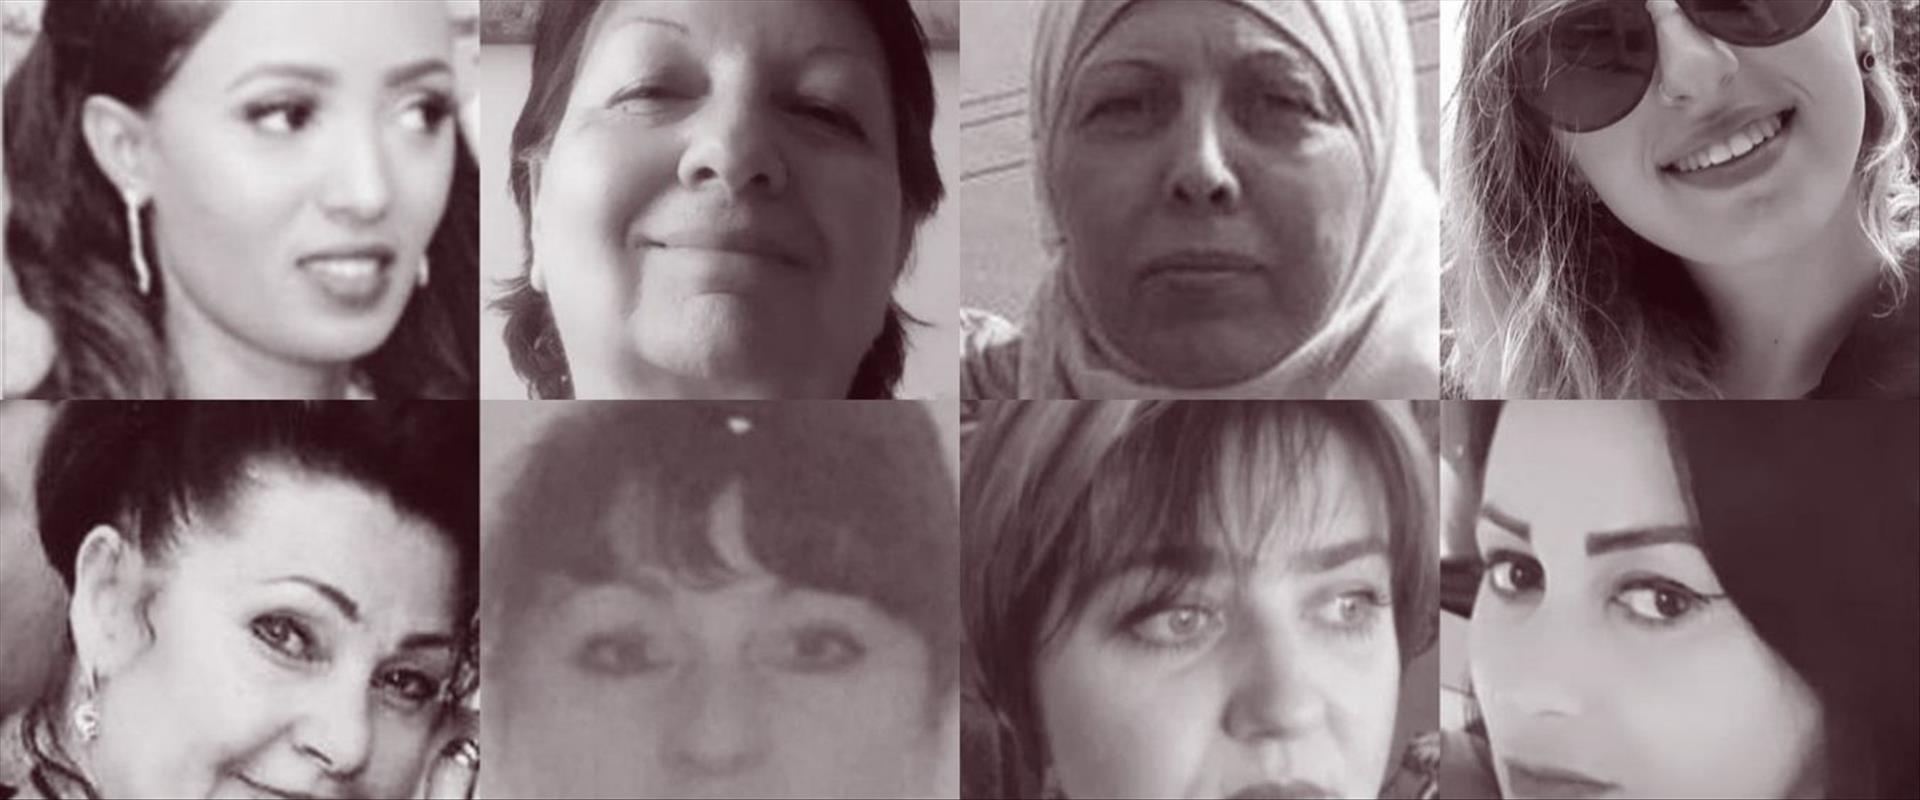 נשים שנרצחו בידי בני משפחה בשנת 2020